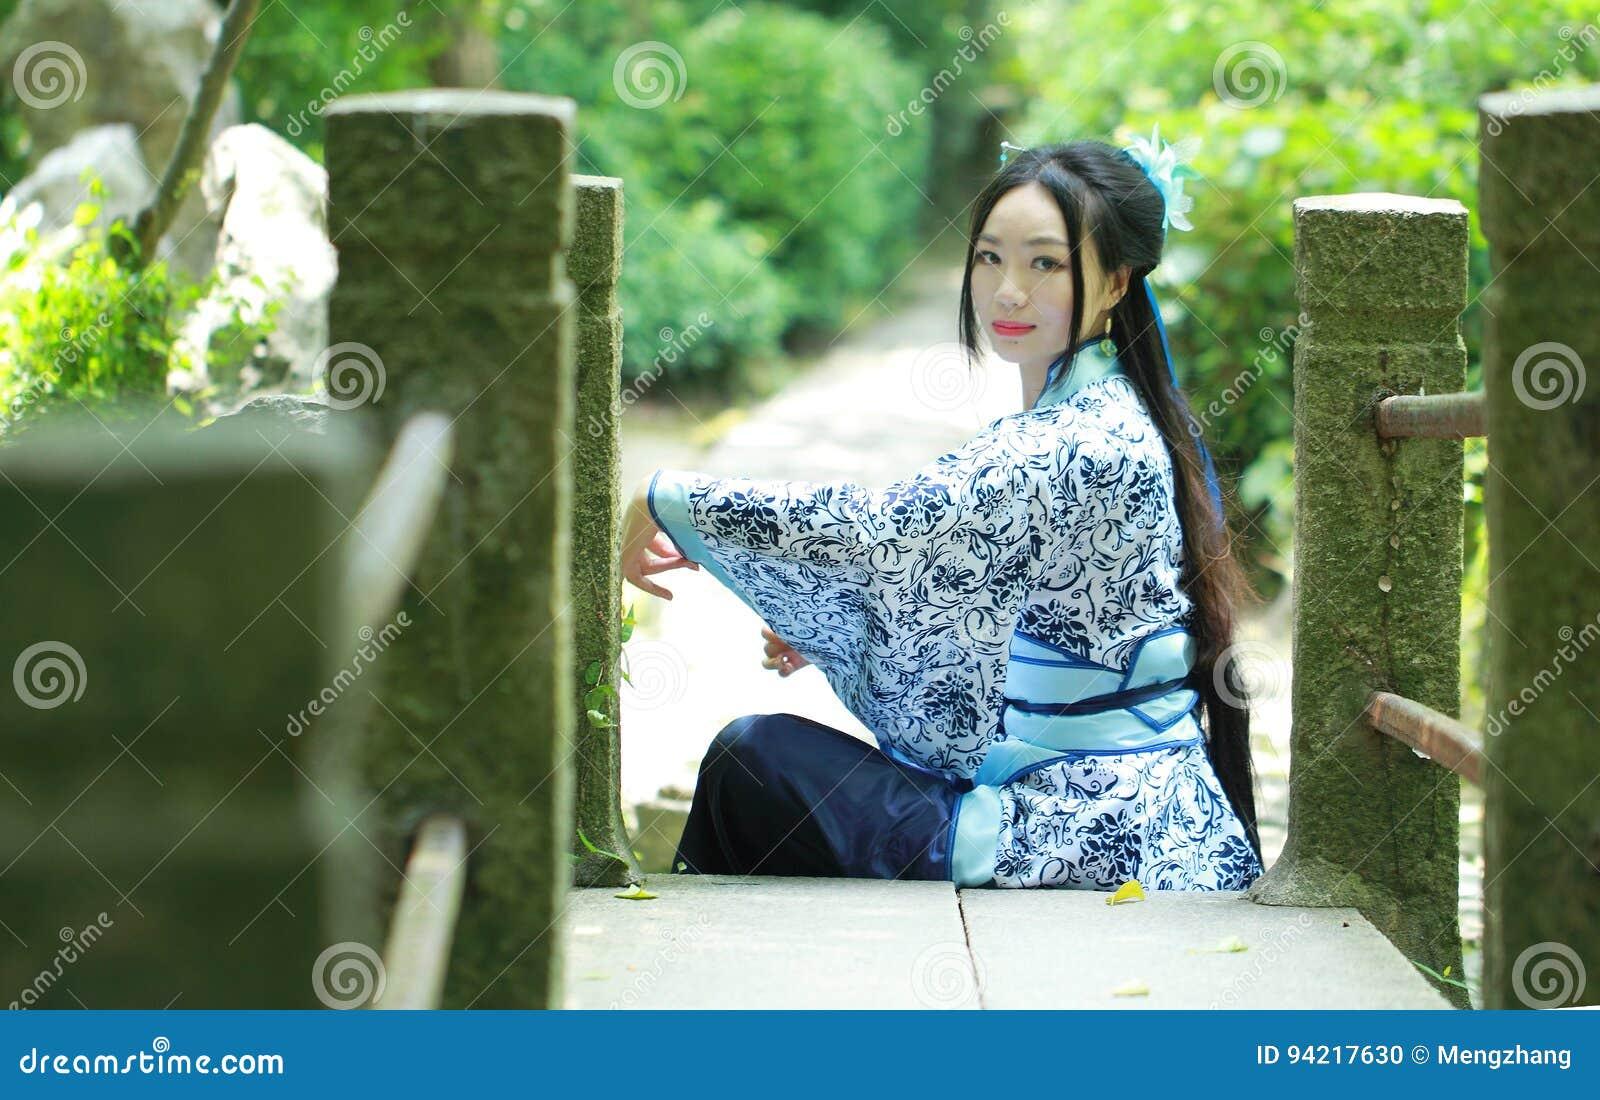 La donna cinese asiatica in vestito blu e bianco tradizionale da Hanfu, gioco in un giardino famoso, si siede sul ponte